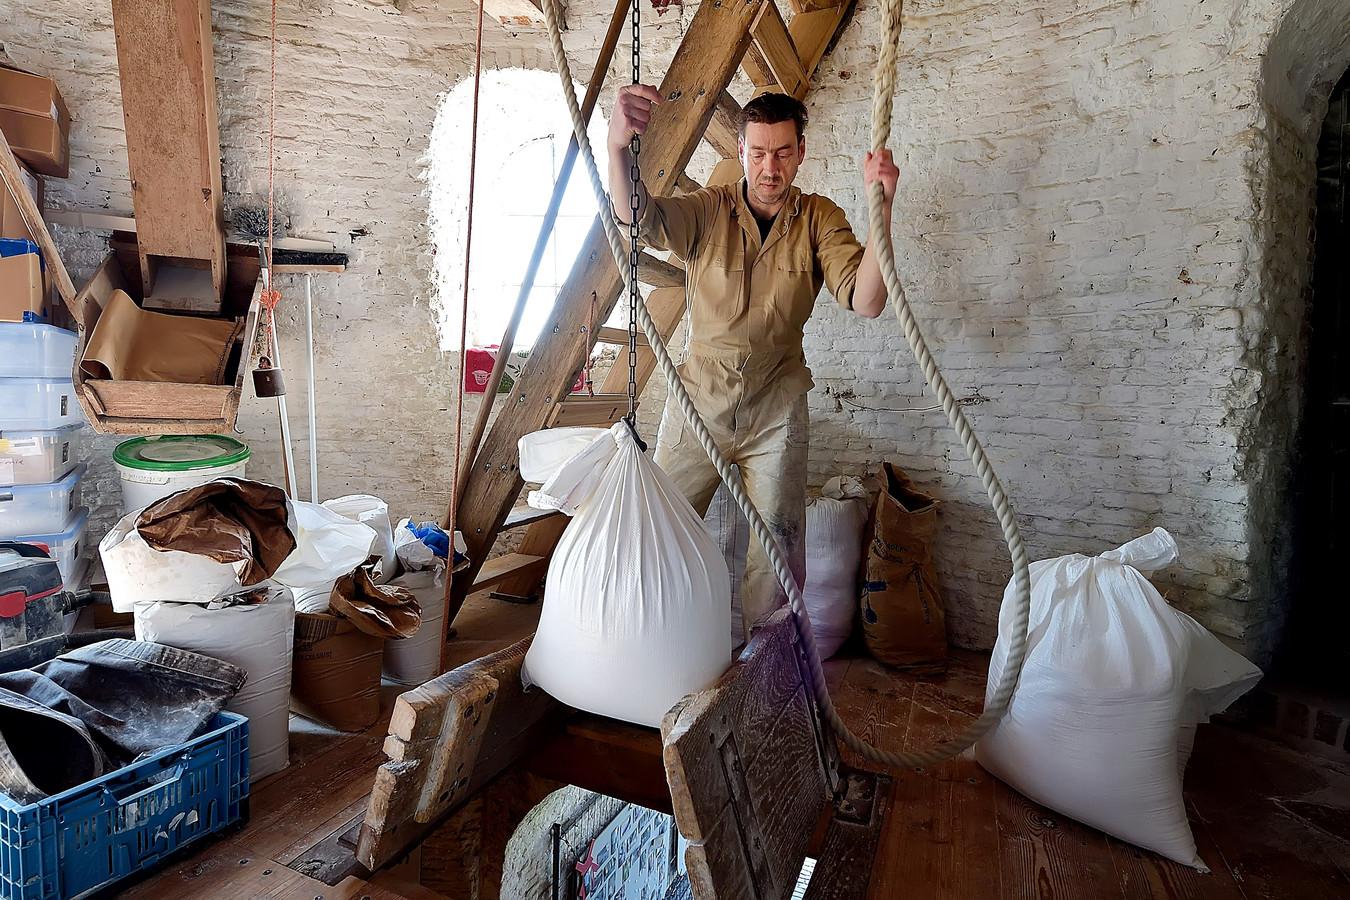 Professionele molenaar Corneel Droogers aan het werk in de Sint-Antoniusmolen in Halsteren.